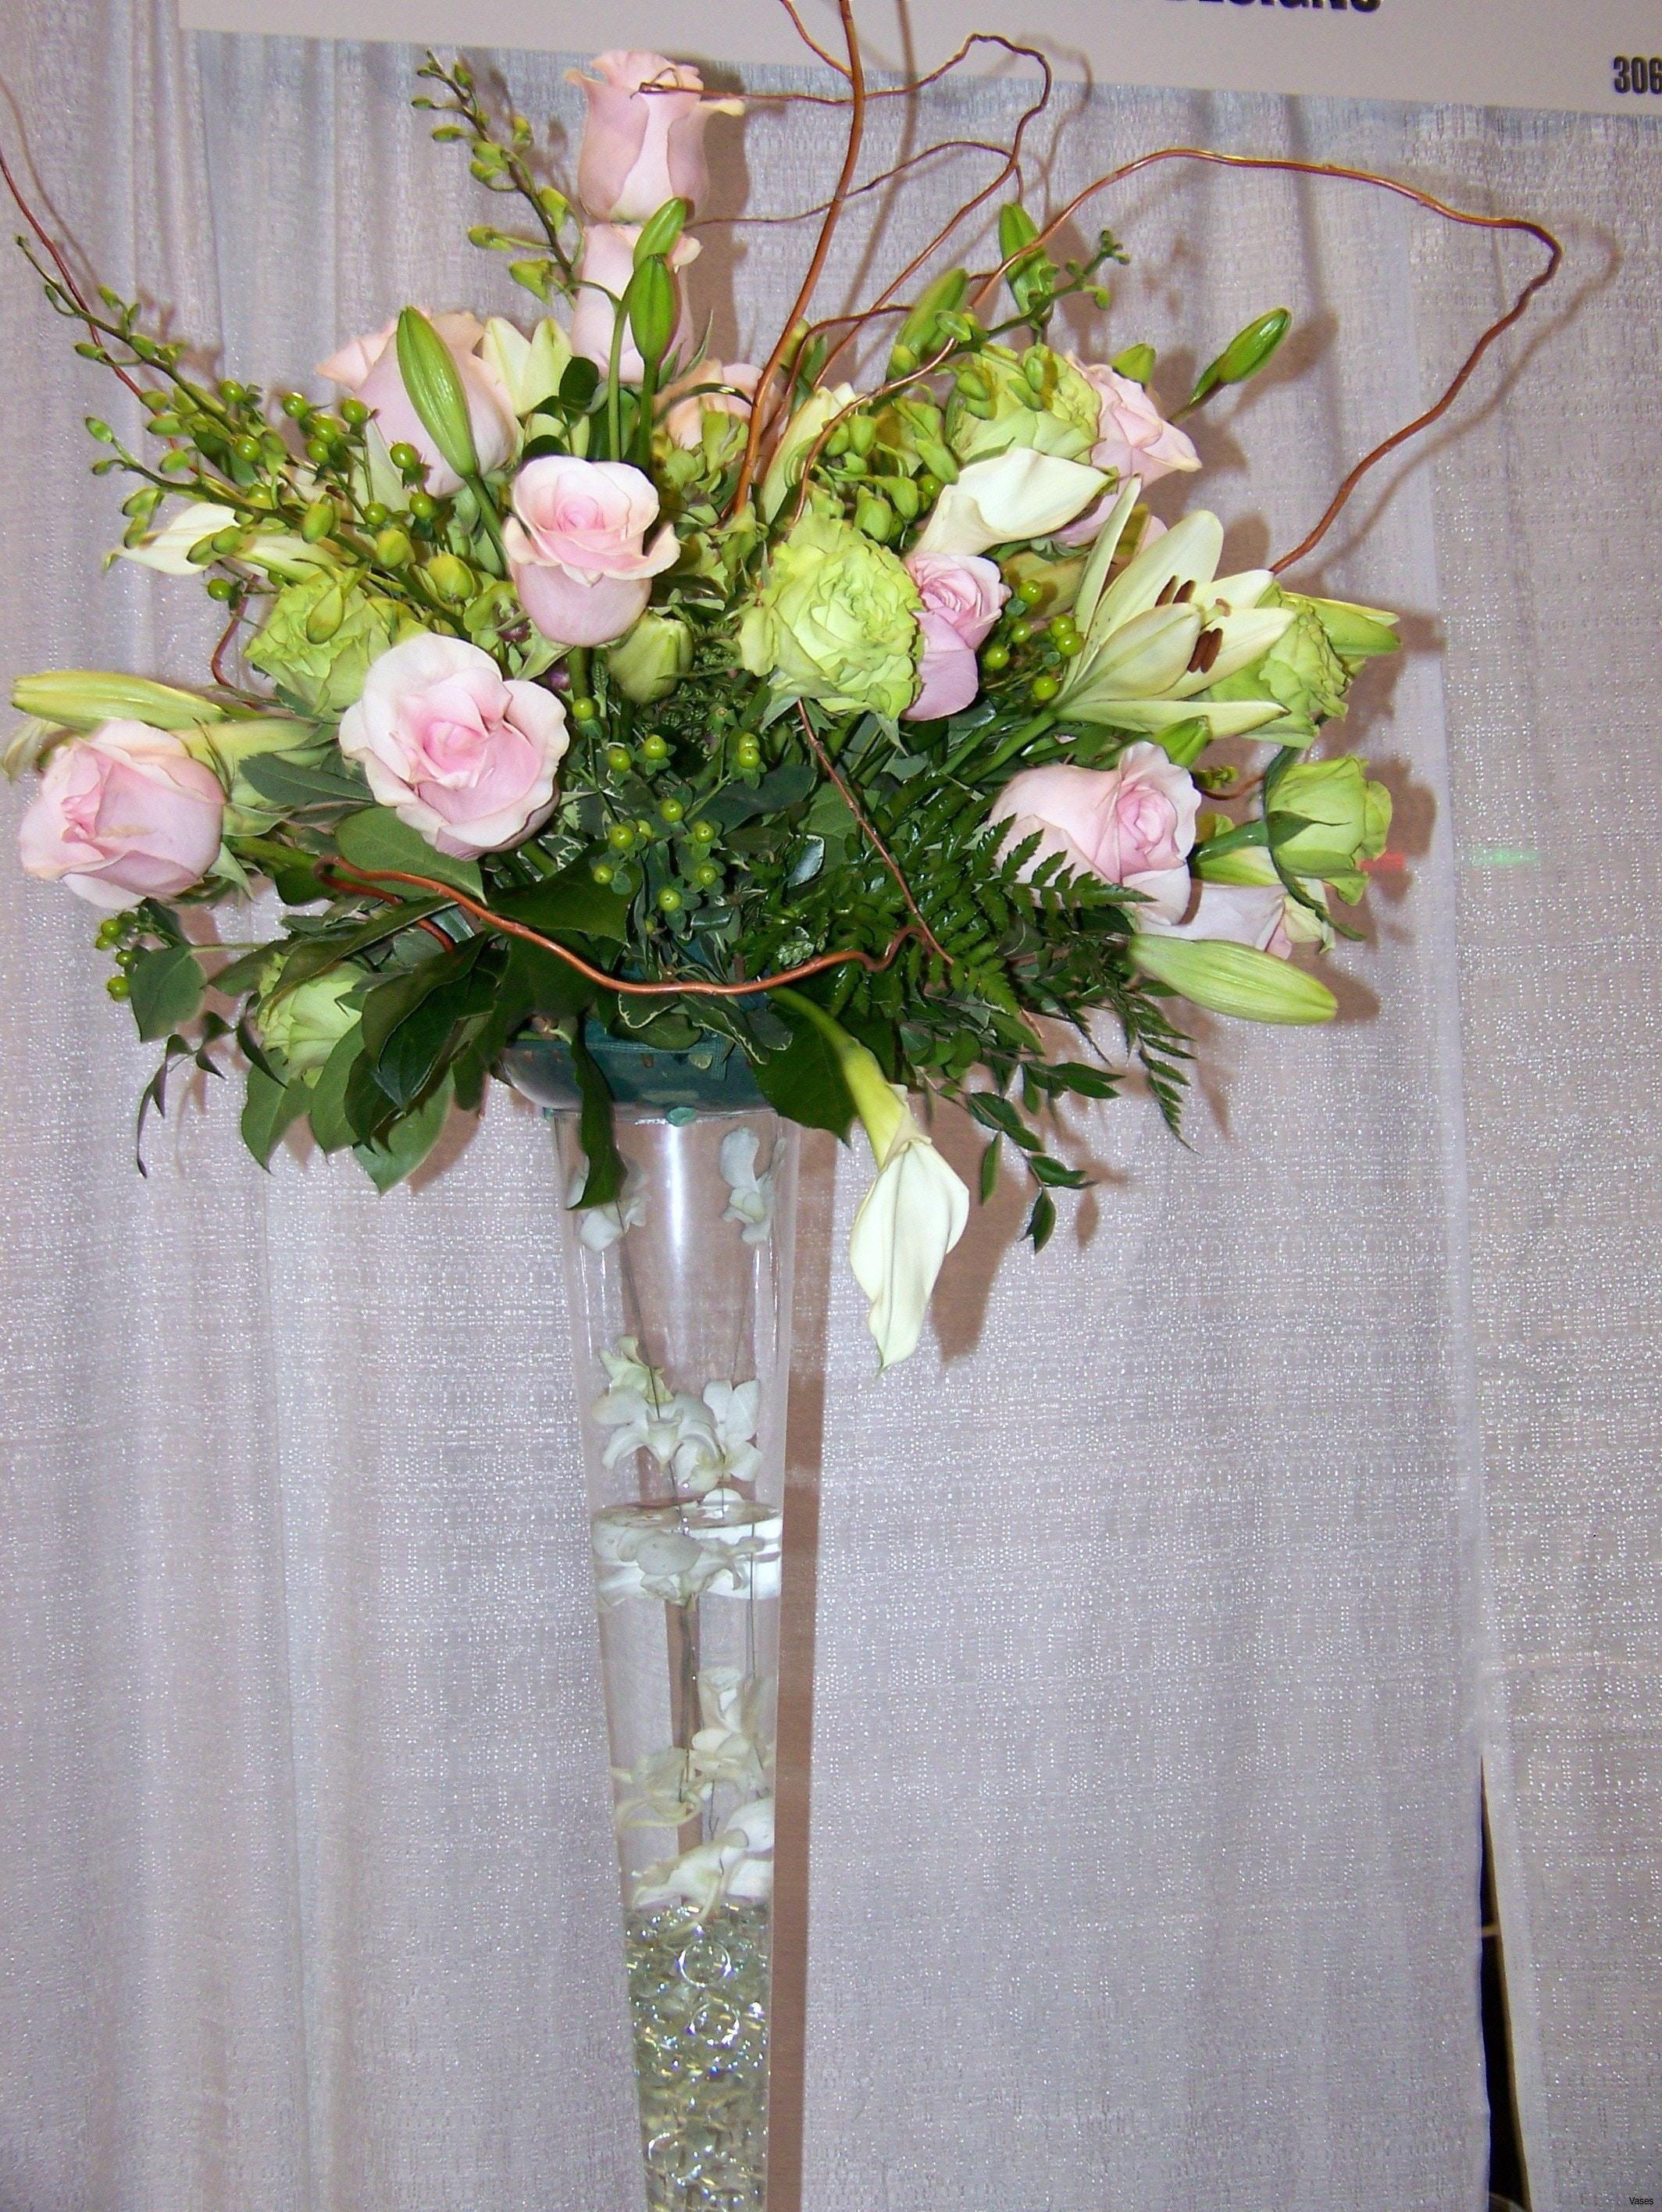 mason jar vases for wedding of custom flower vase images h vases ideas for floral arrangements in i intended for custom flower vase images h vases ideas for floral arrangements in i 0d design ideas design